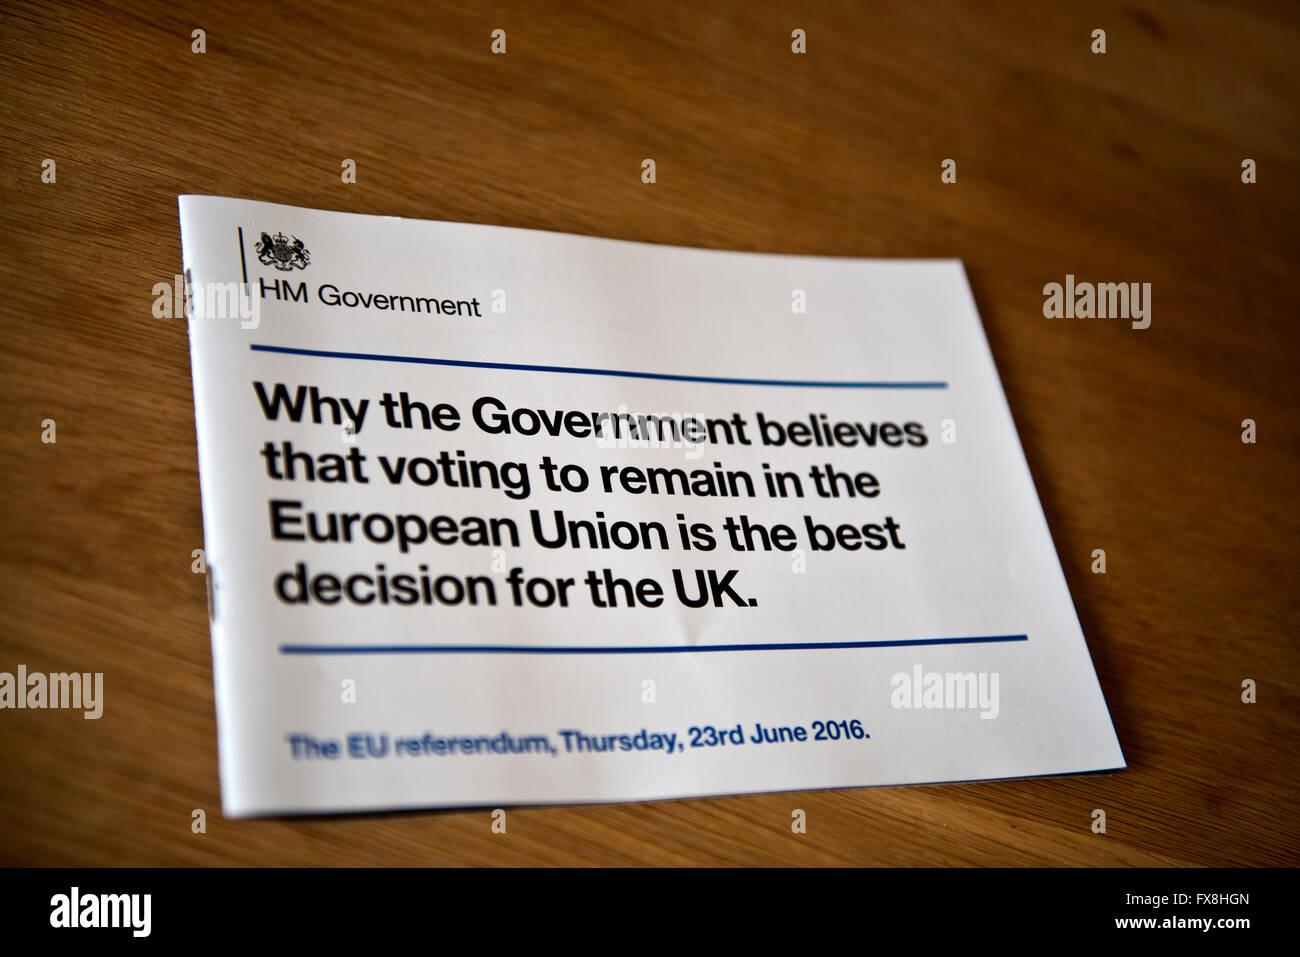 El polémico folleto publicado por el gobierno que utiliza dinero de los contribuyentes para persuadir al público británico a votar para permanecer en la UE. Foto de stock